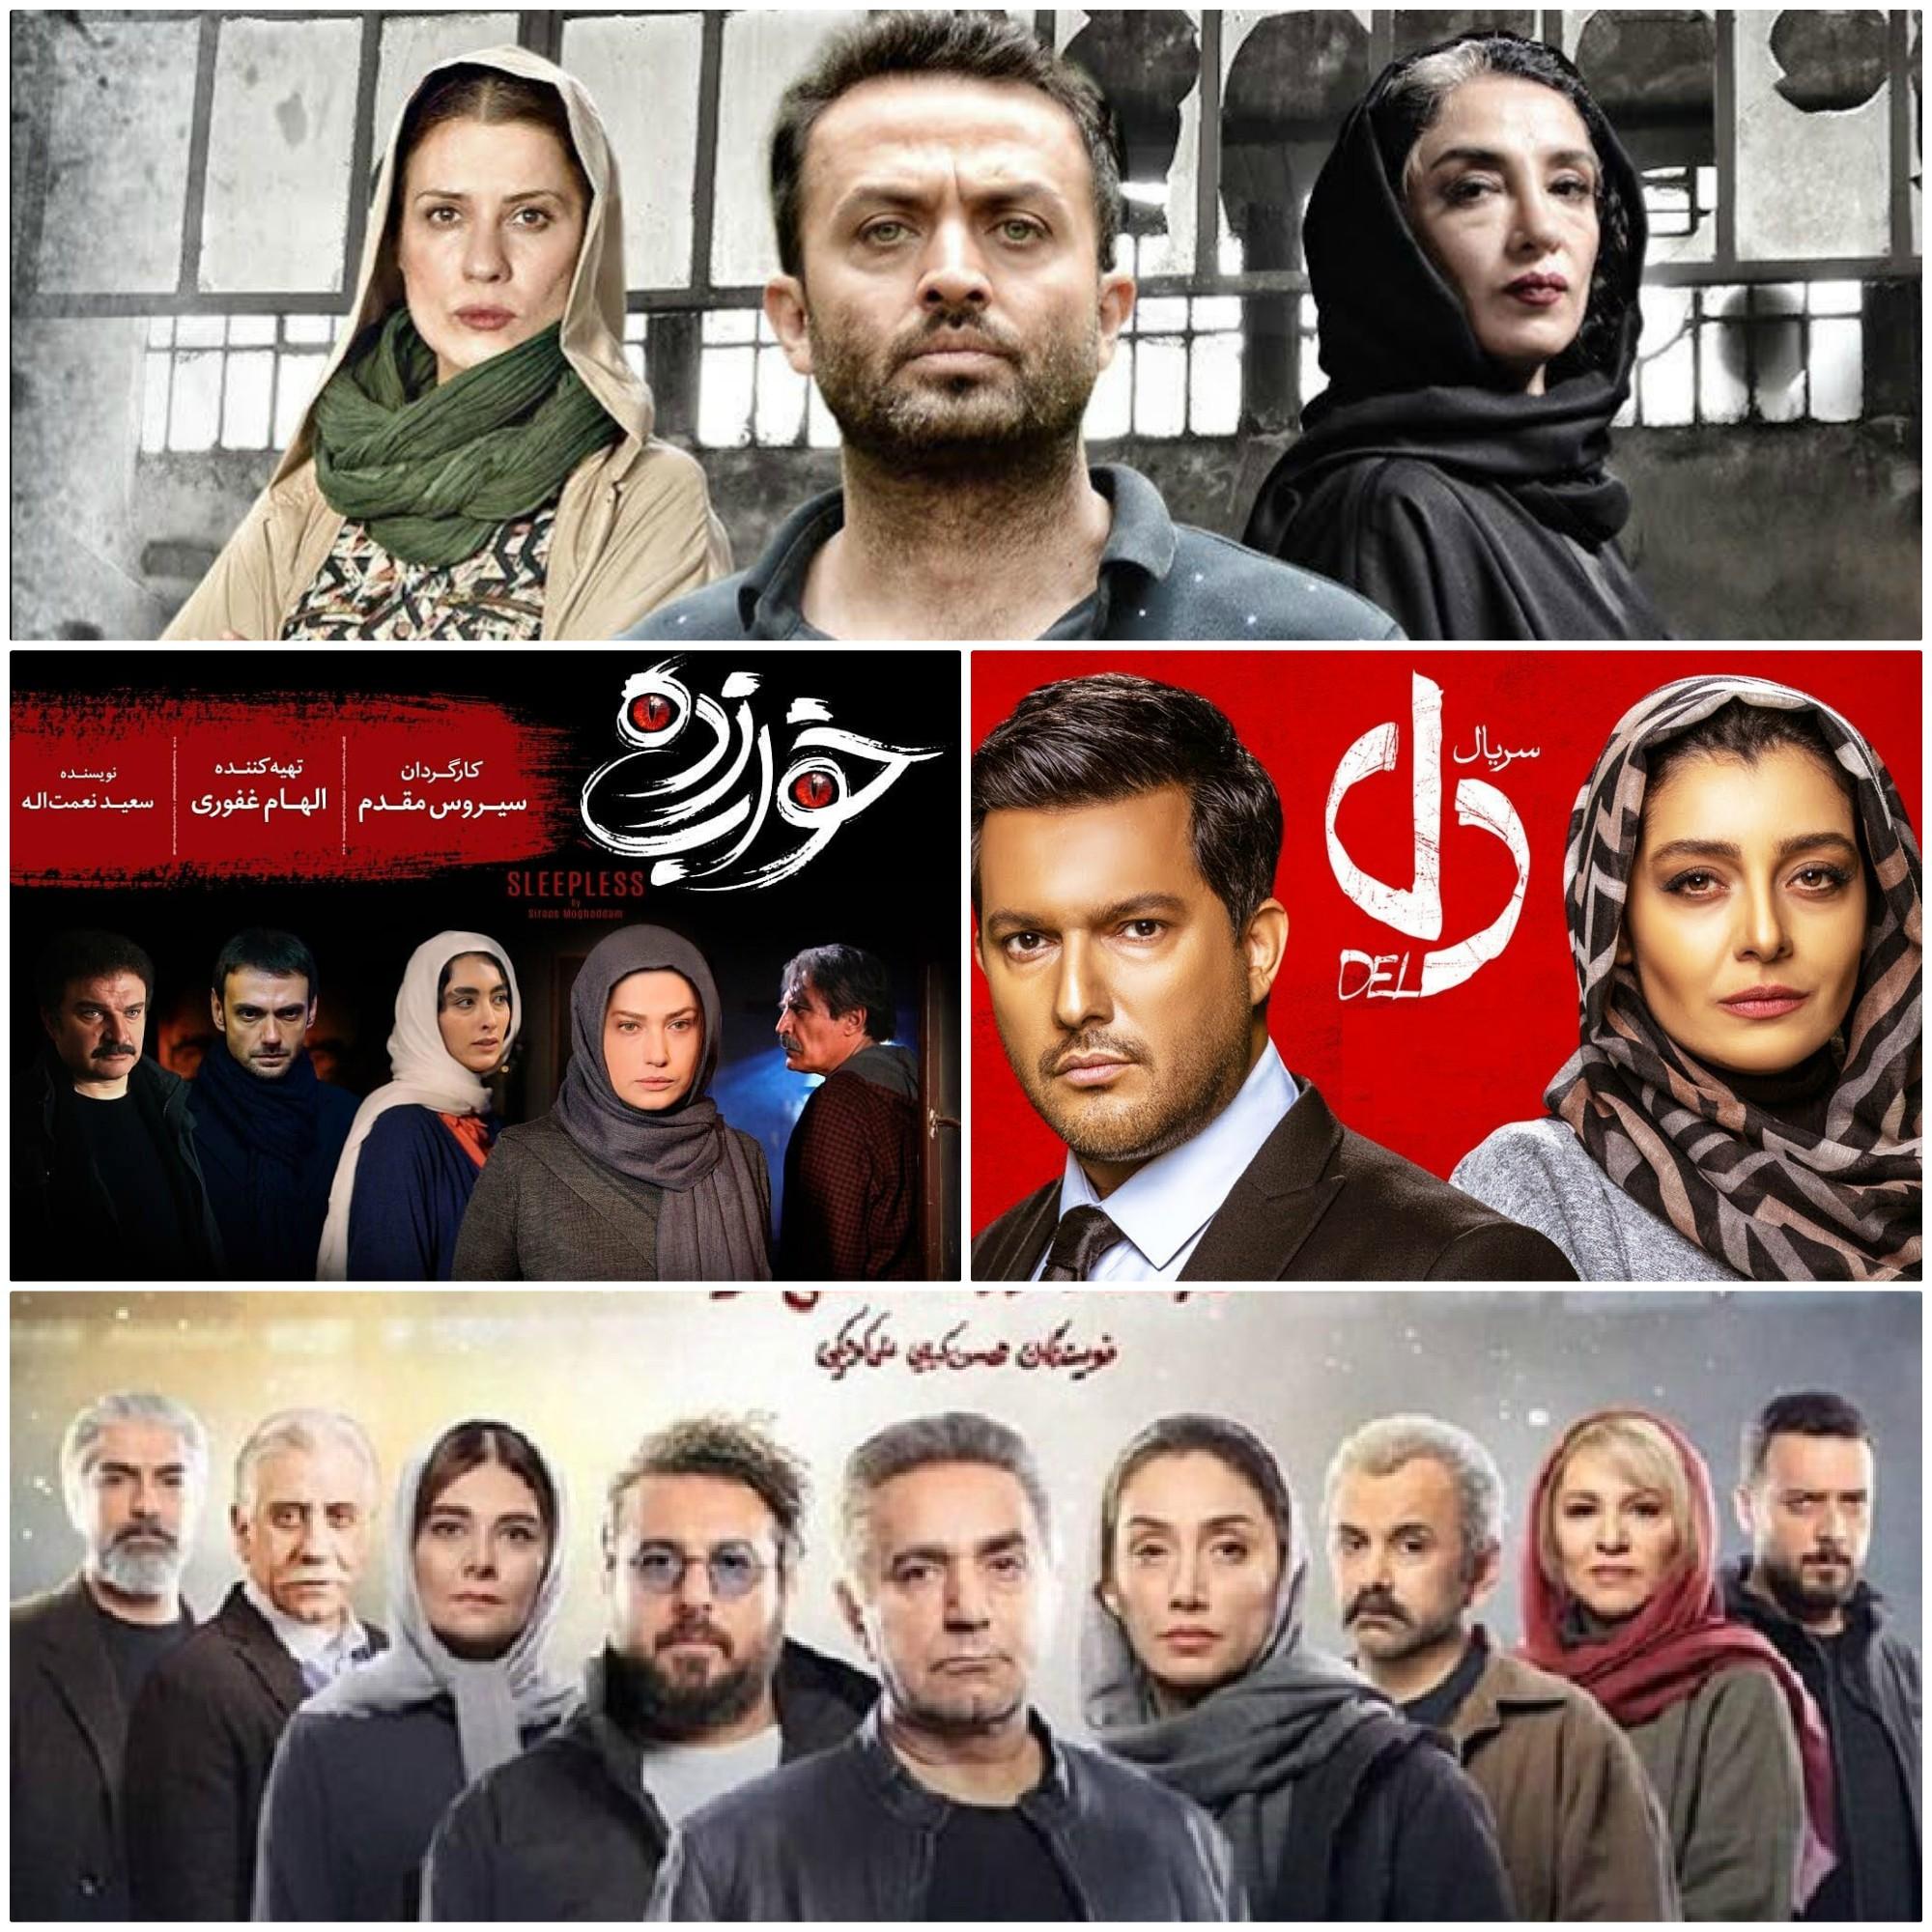 نمایش خانگی؛ بستری برای آموزش ناهنجاریها/ فیلمهایی که در ترکیه طرفدار ندارد